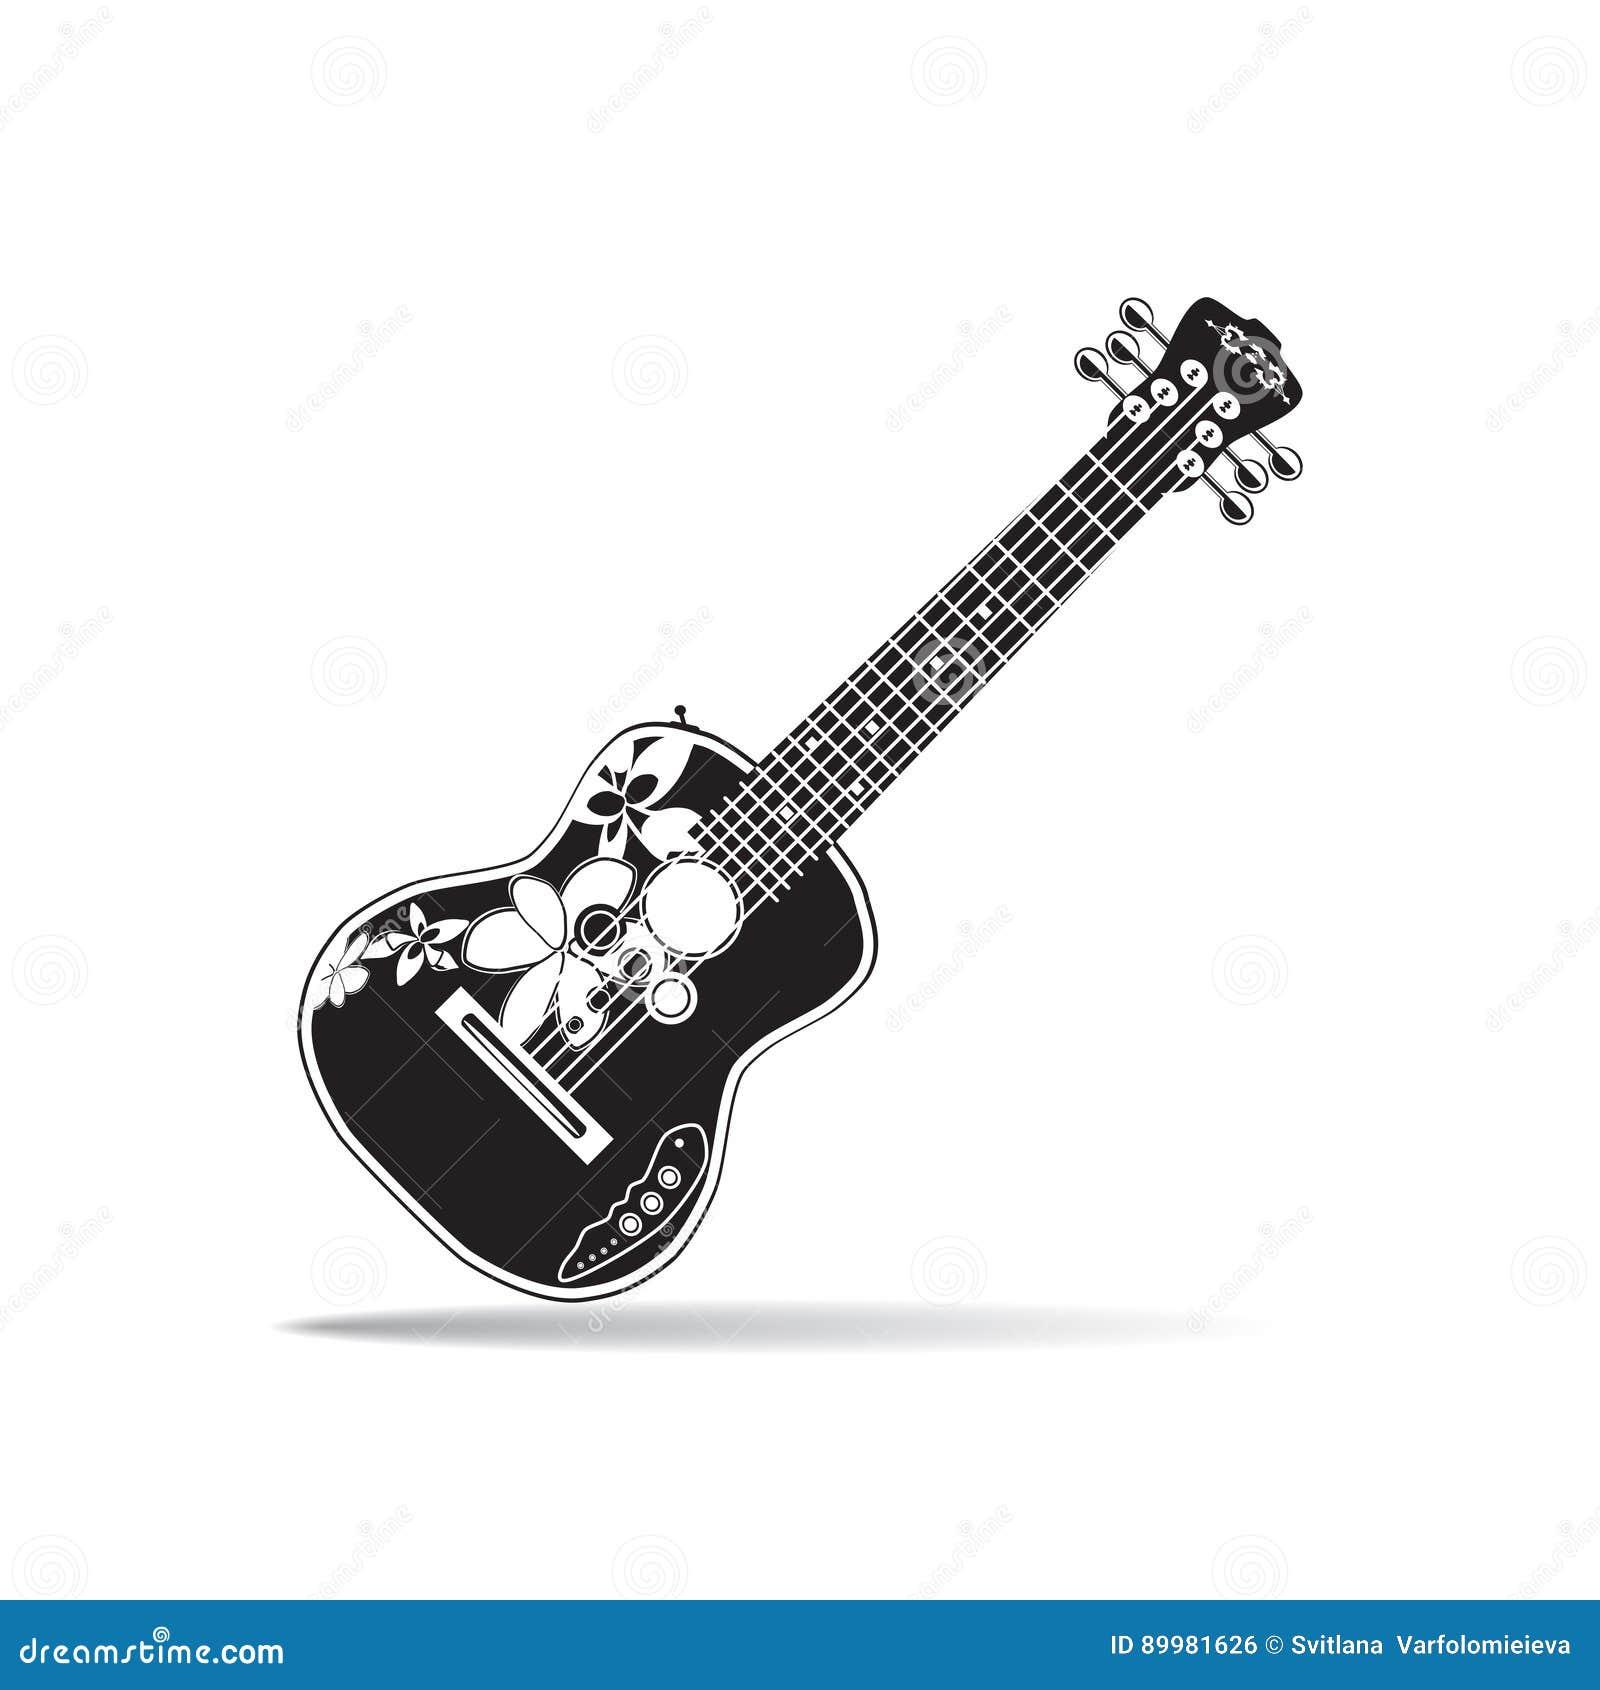 Διανυσματική απεικόνιση της γραπτής της Χαβάης ηλεκτρικής κιθάρας ukulele στο επίπεδο σχέδιο